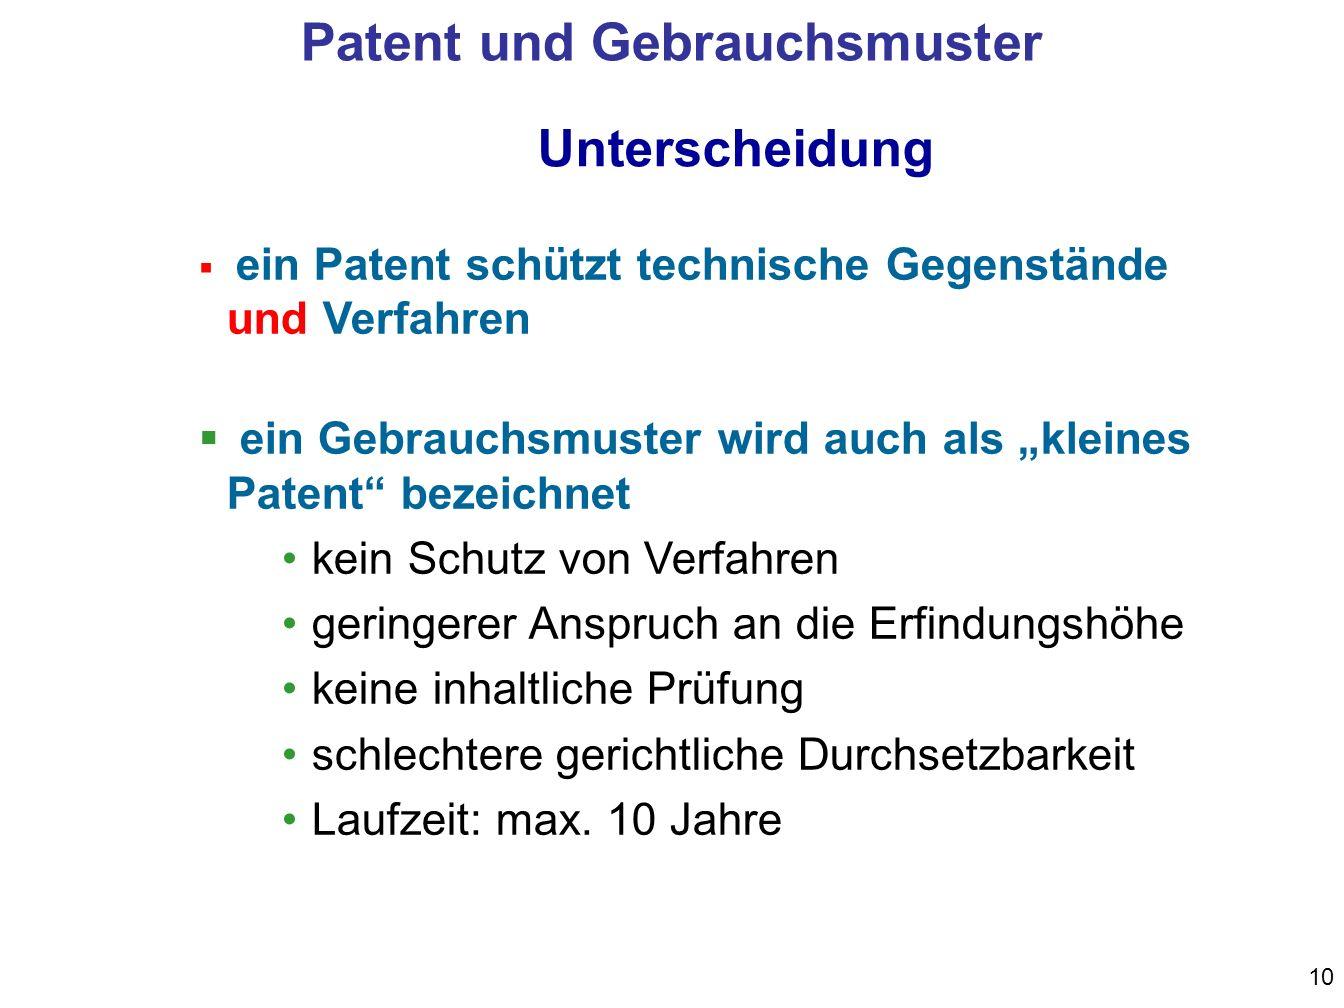 Patent und Gebrauchsmuster